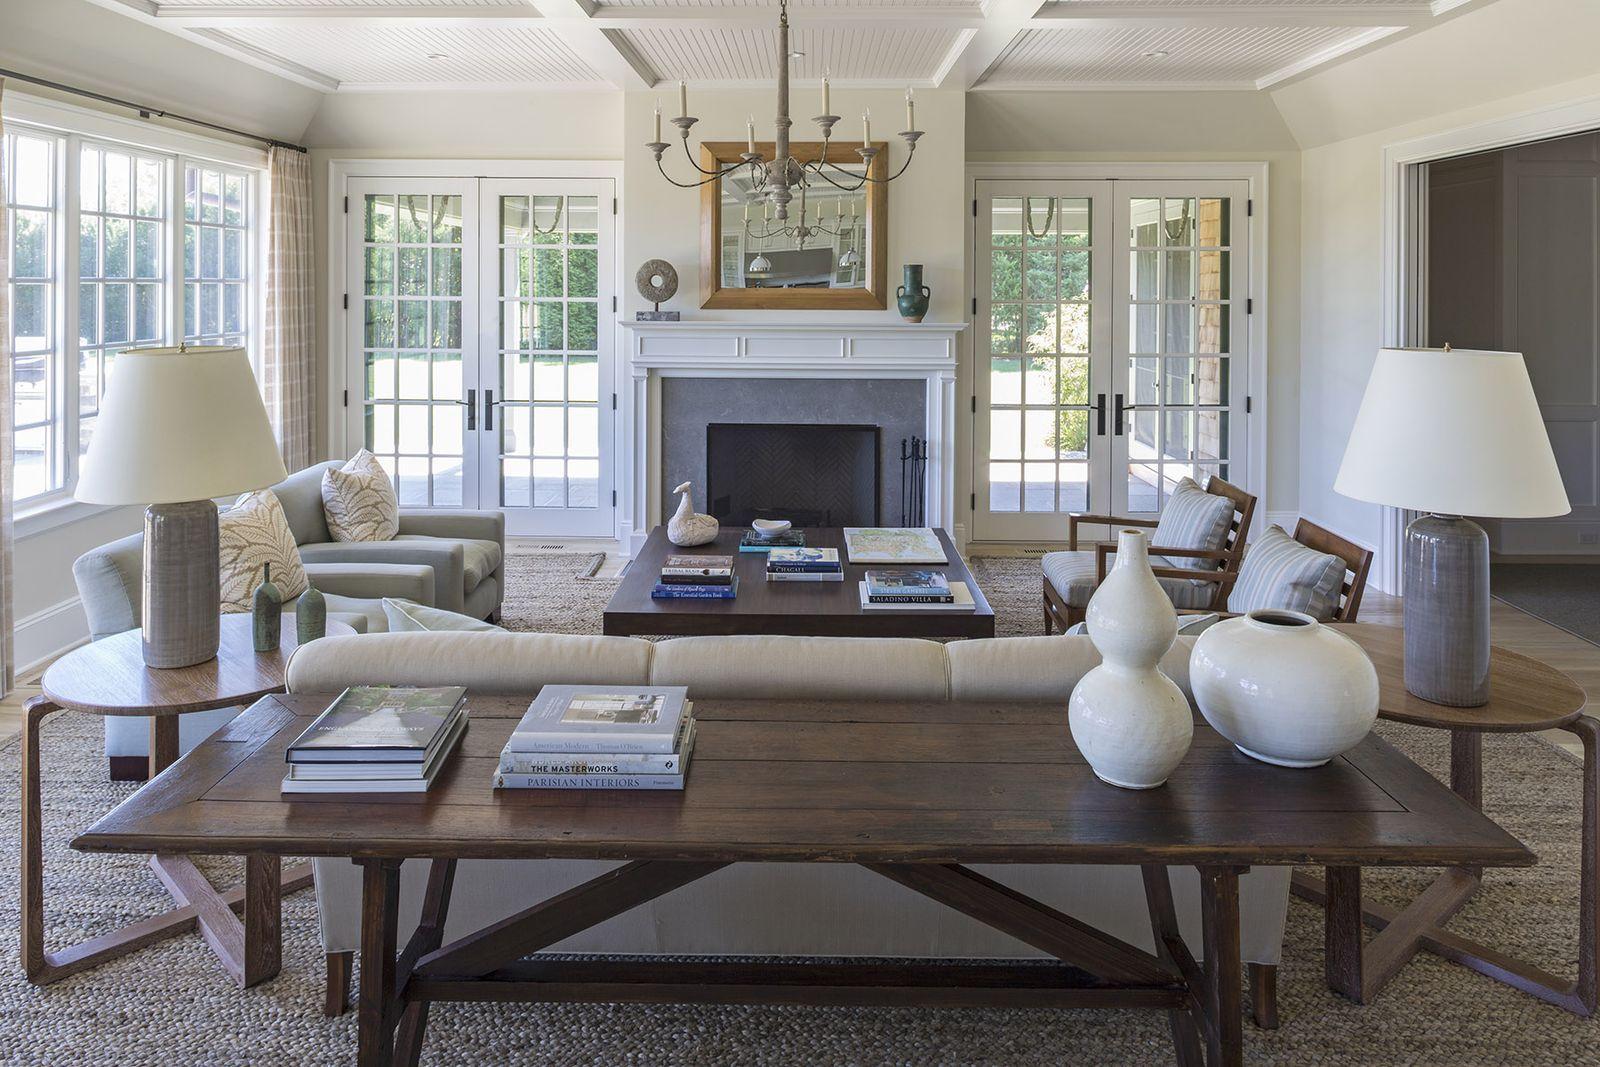 White on White - ELLEDecor.com in 2020 | Living room with ...